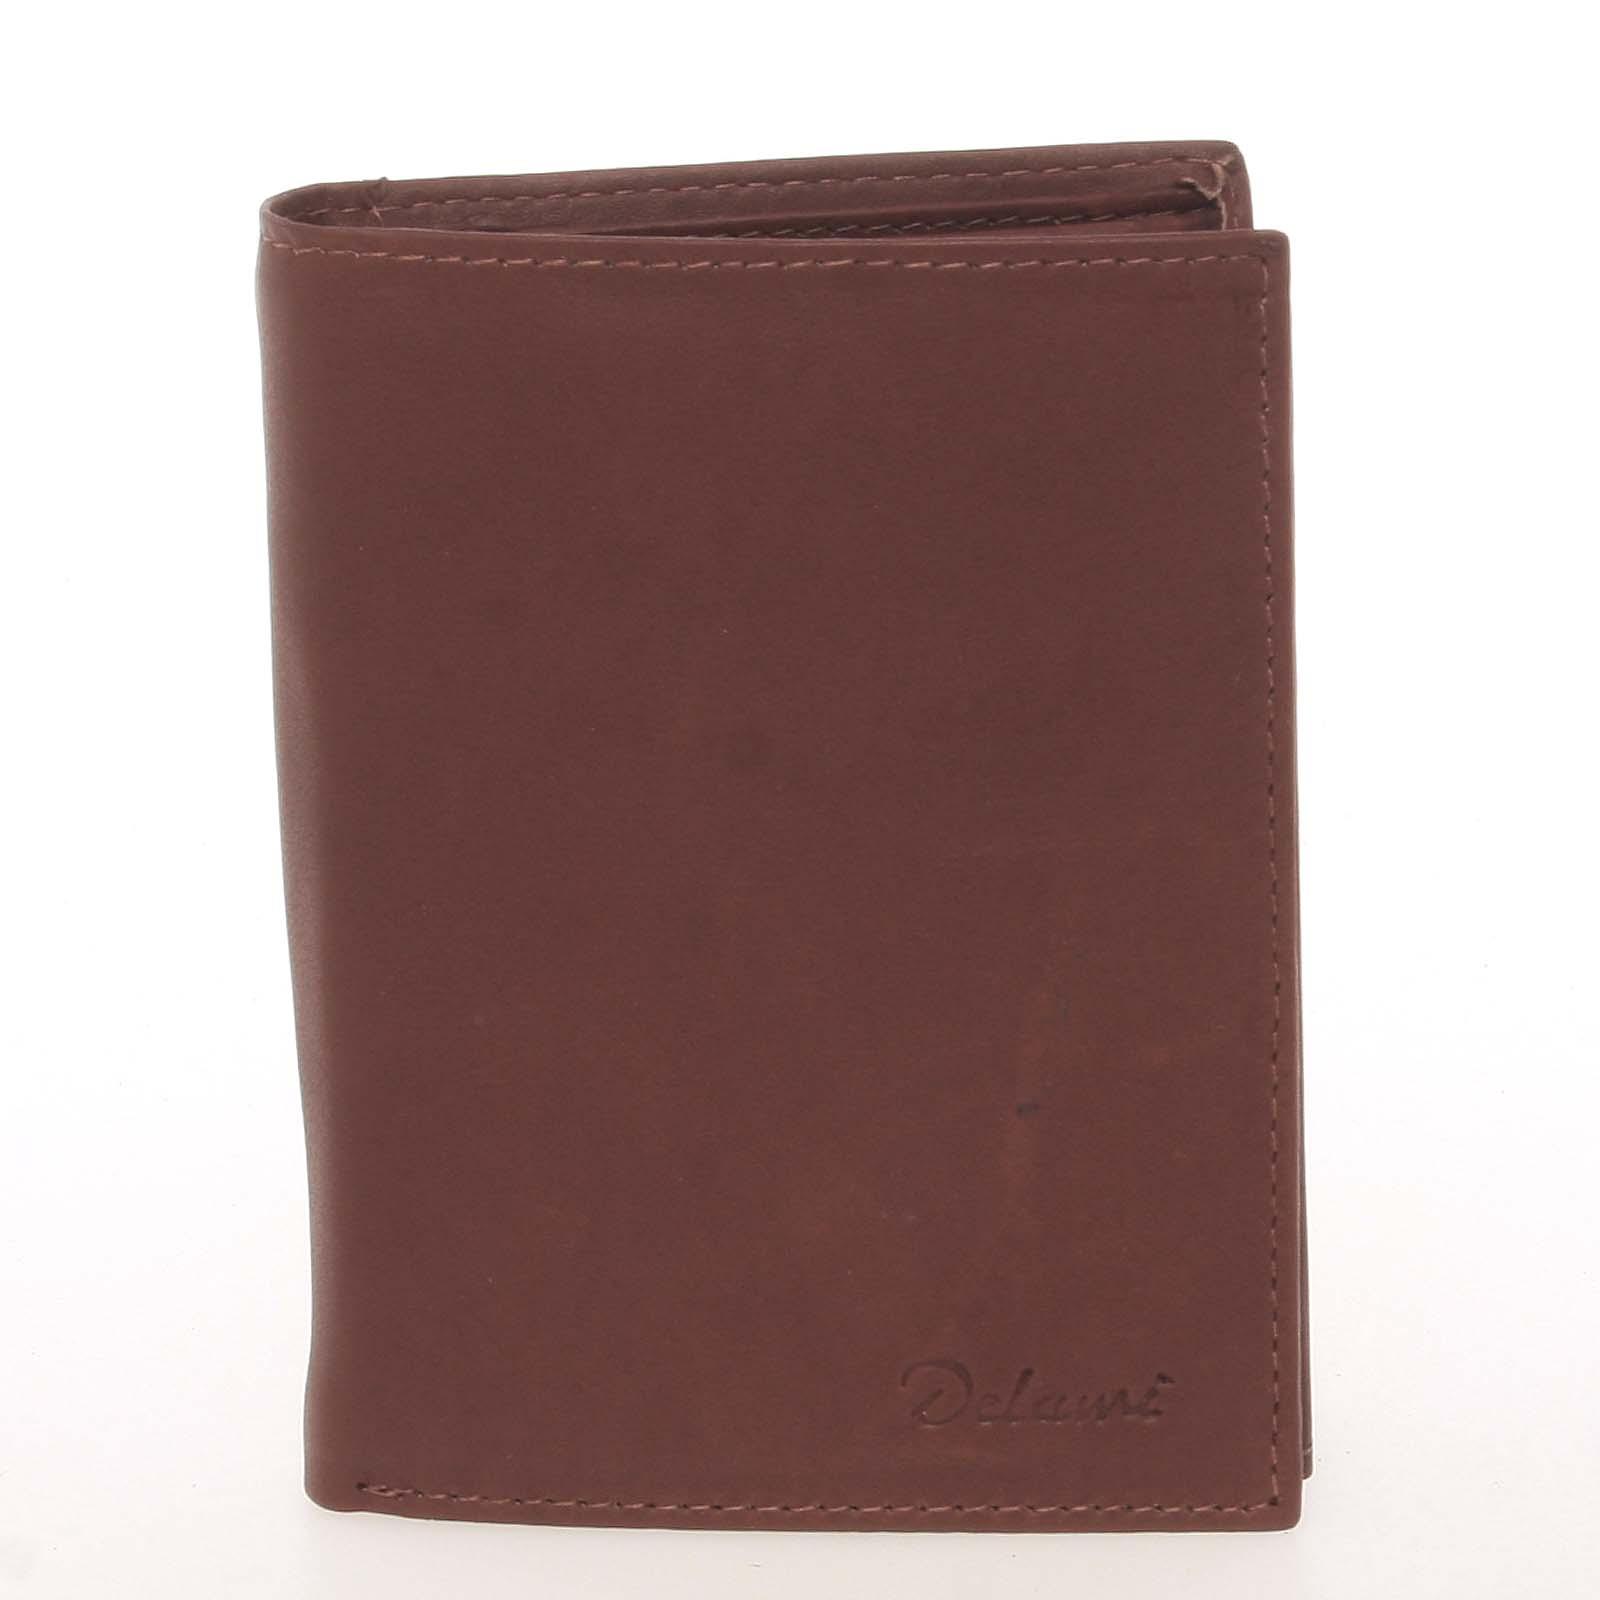 Pánska kožená hnedá peňaženka - Delami Therron